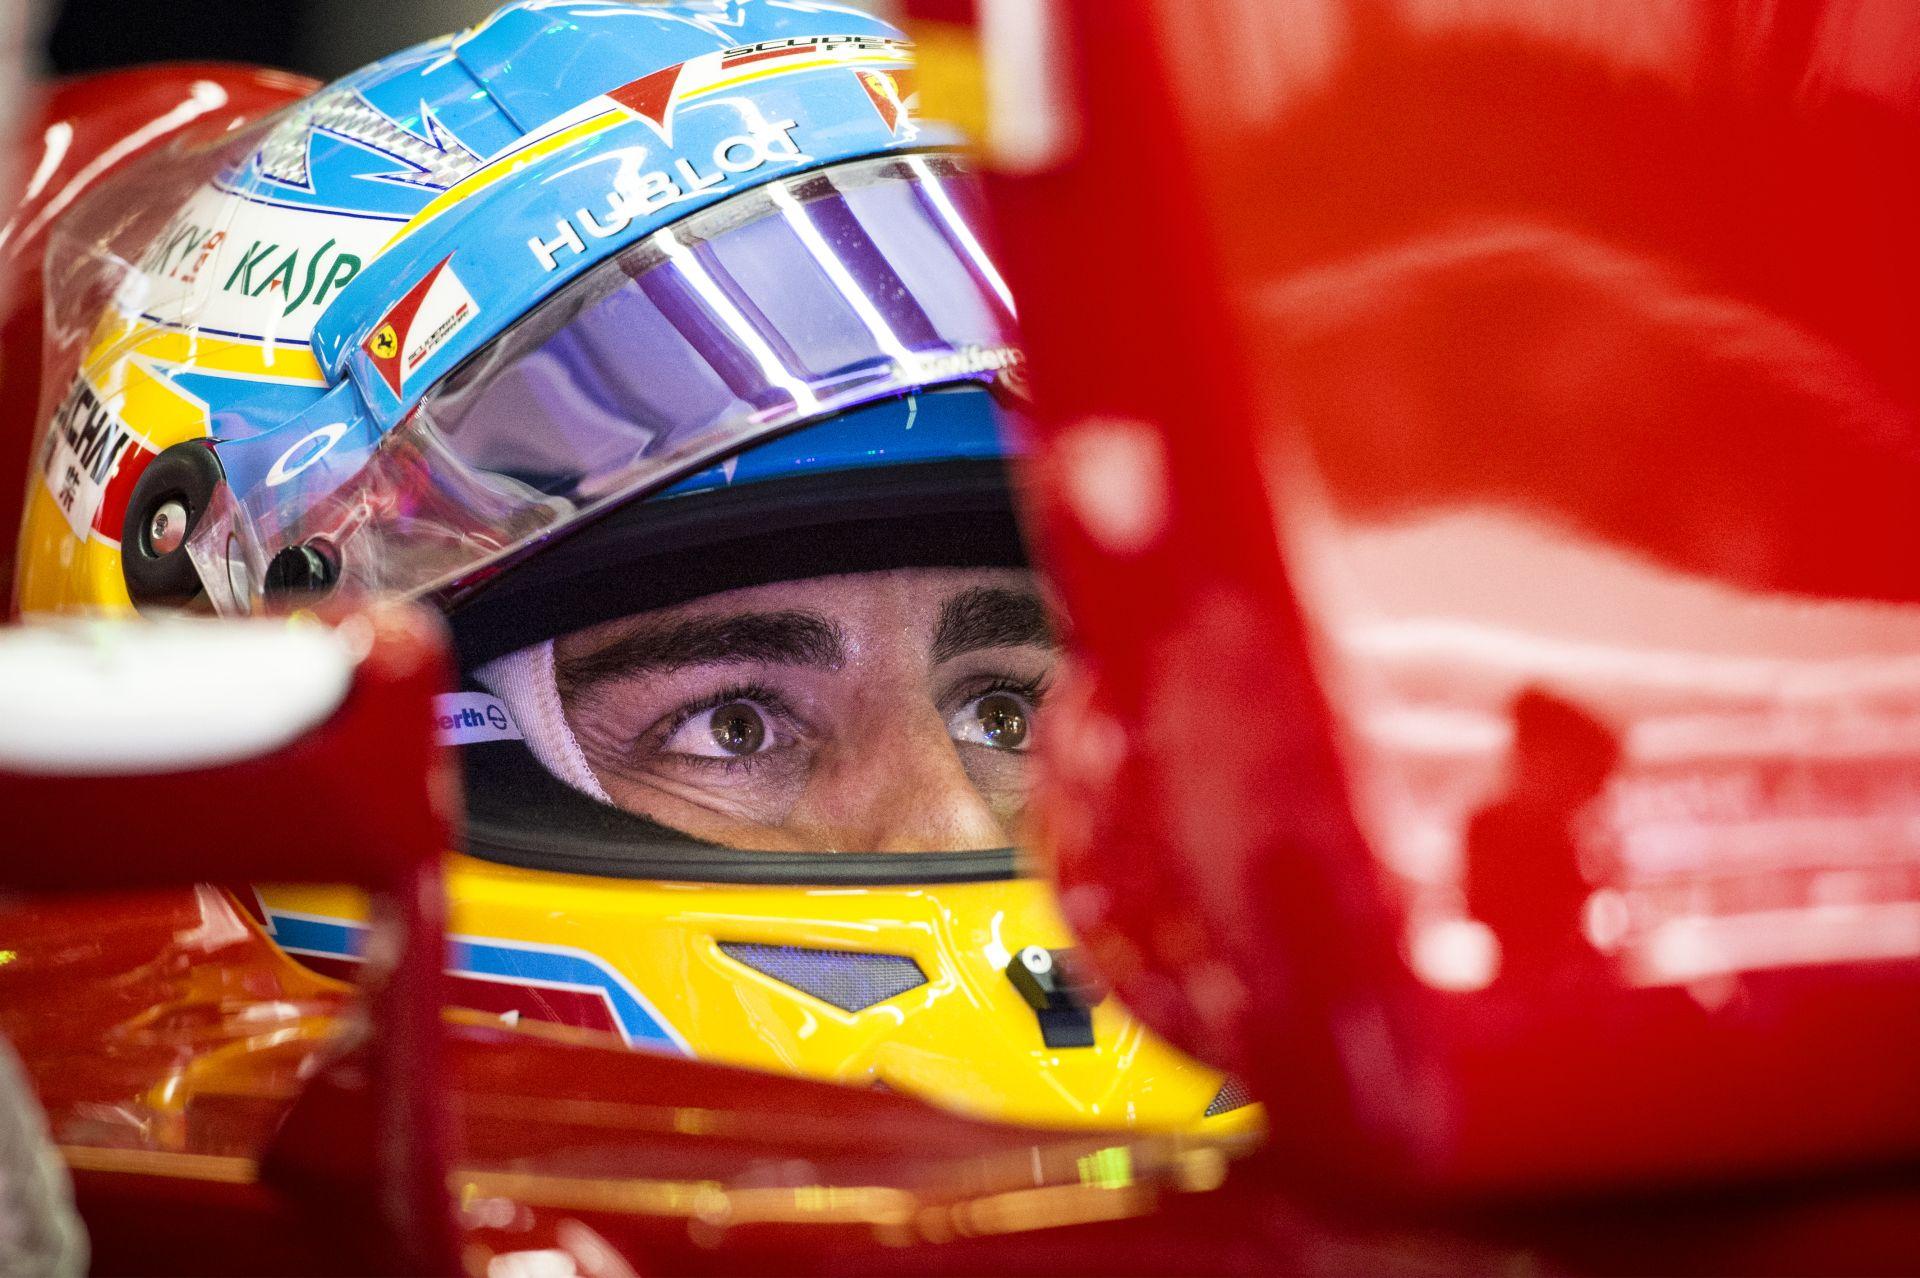 Alonso tudja, hogy nagyon gyenge a Ferrari, de örül annak, hogy Räikkönen előtt van